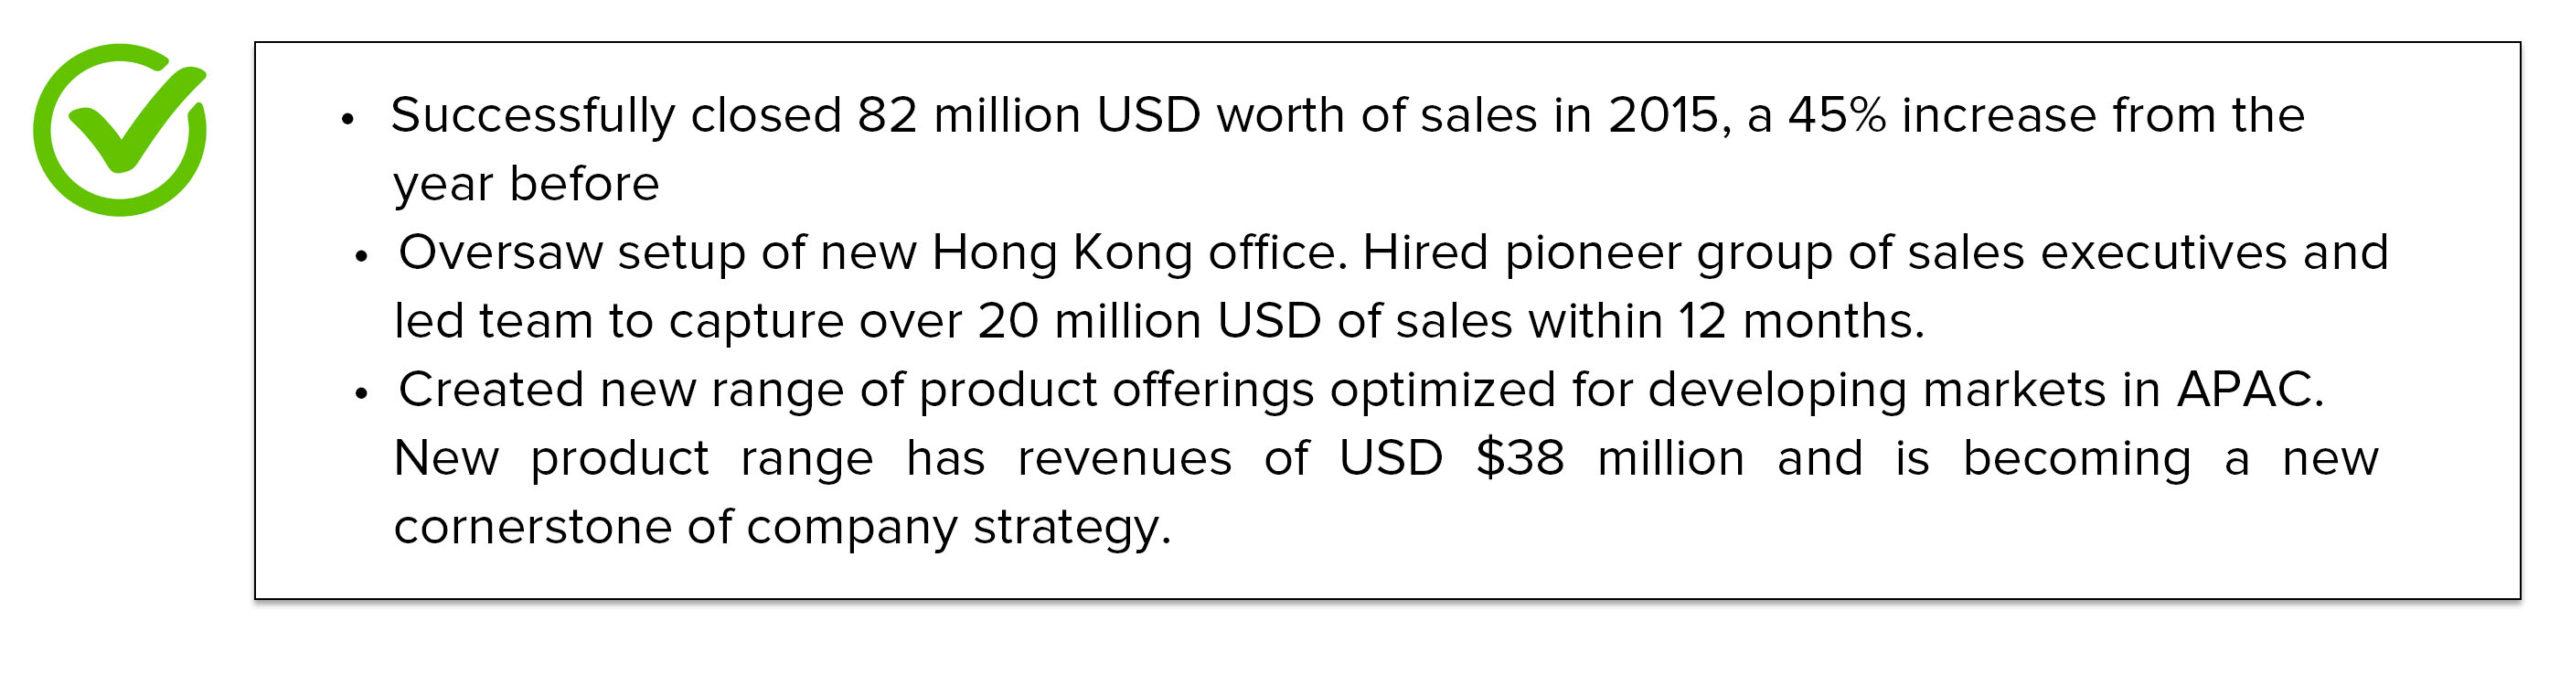 HK ES Achievements G Scaled